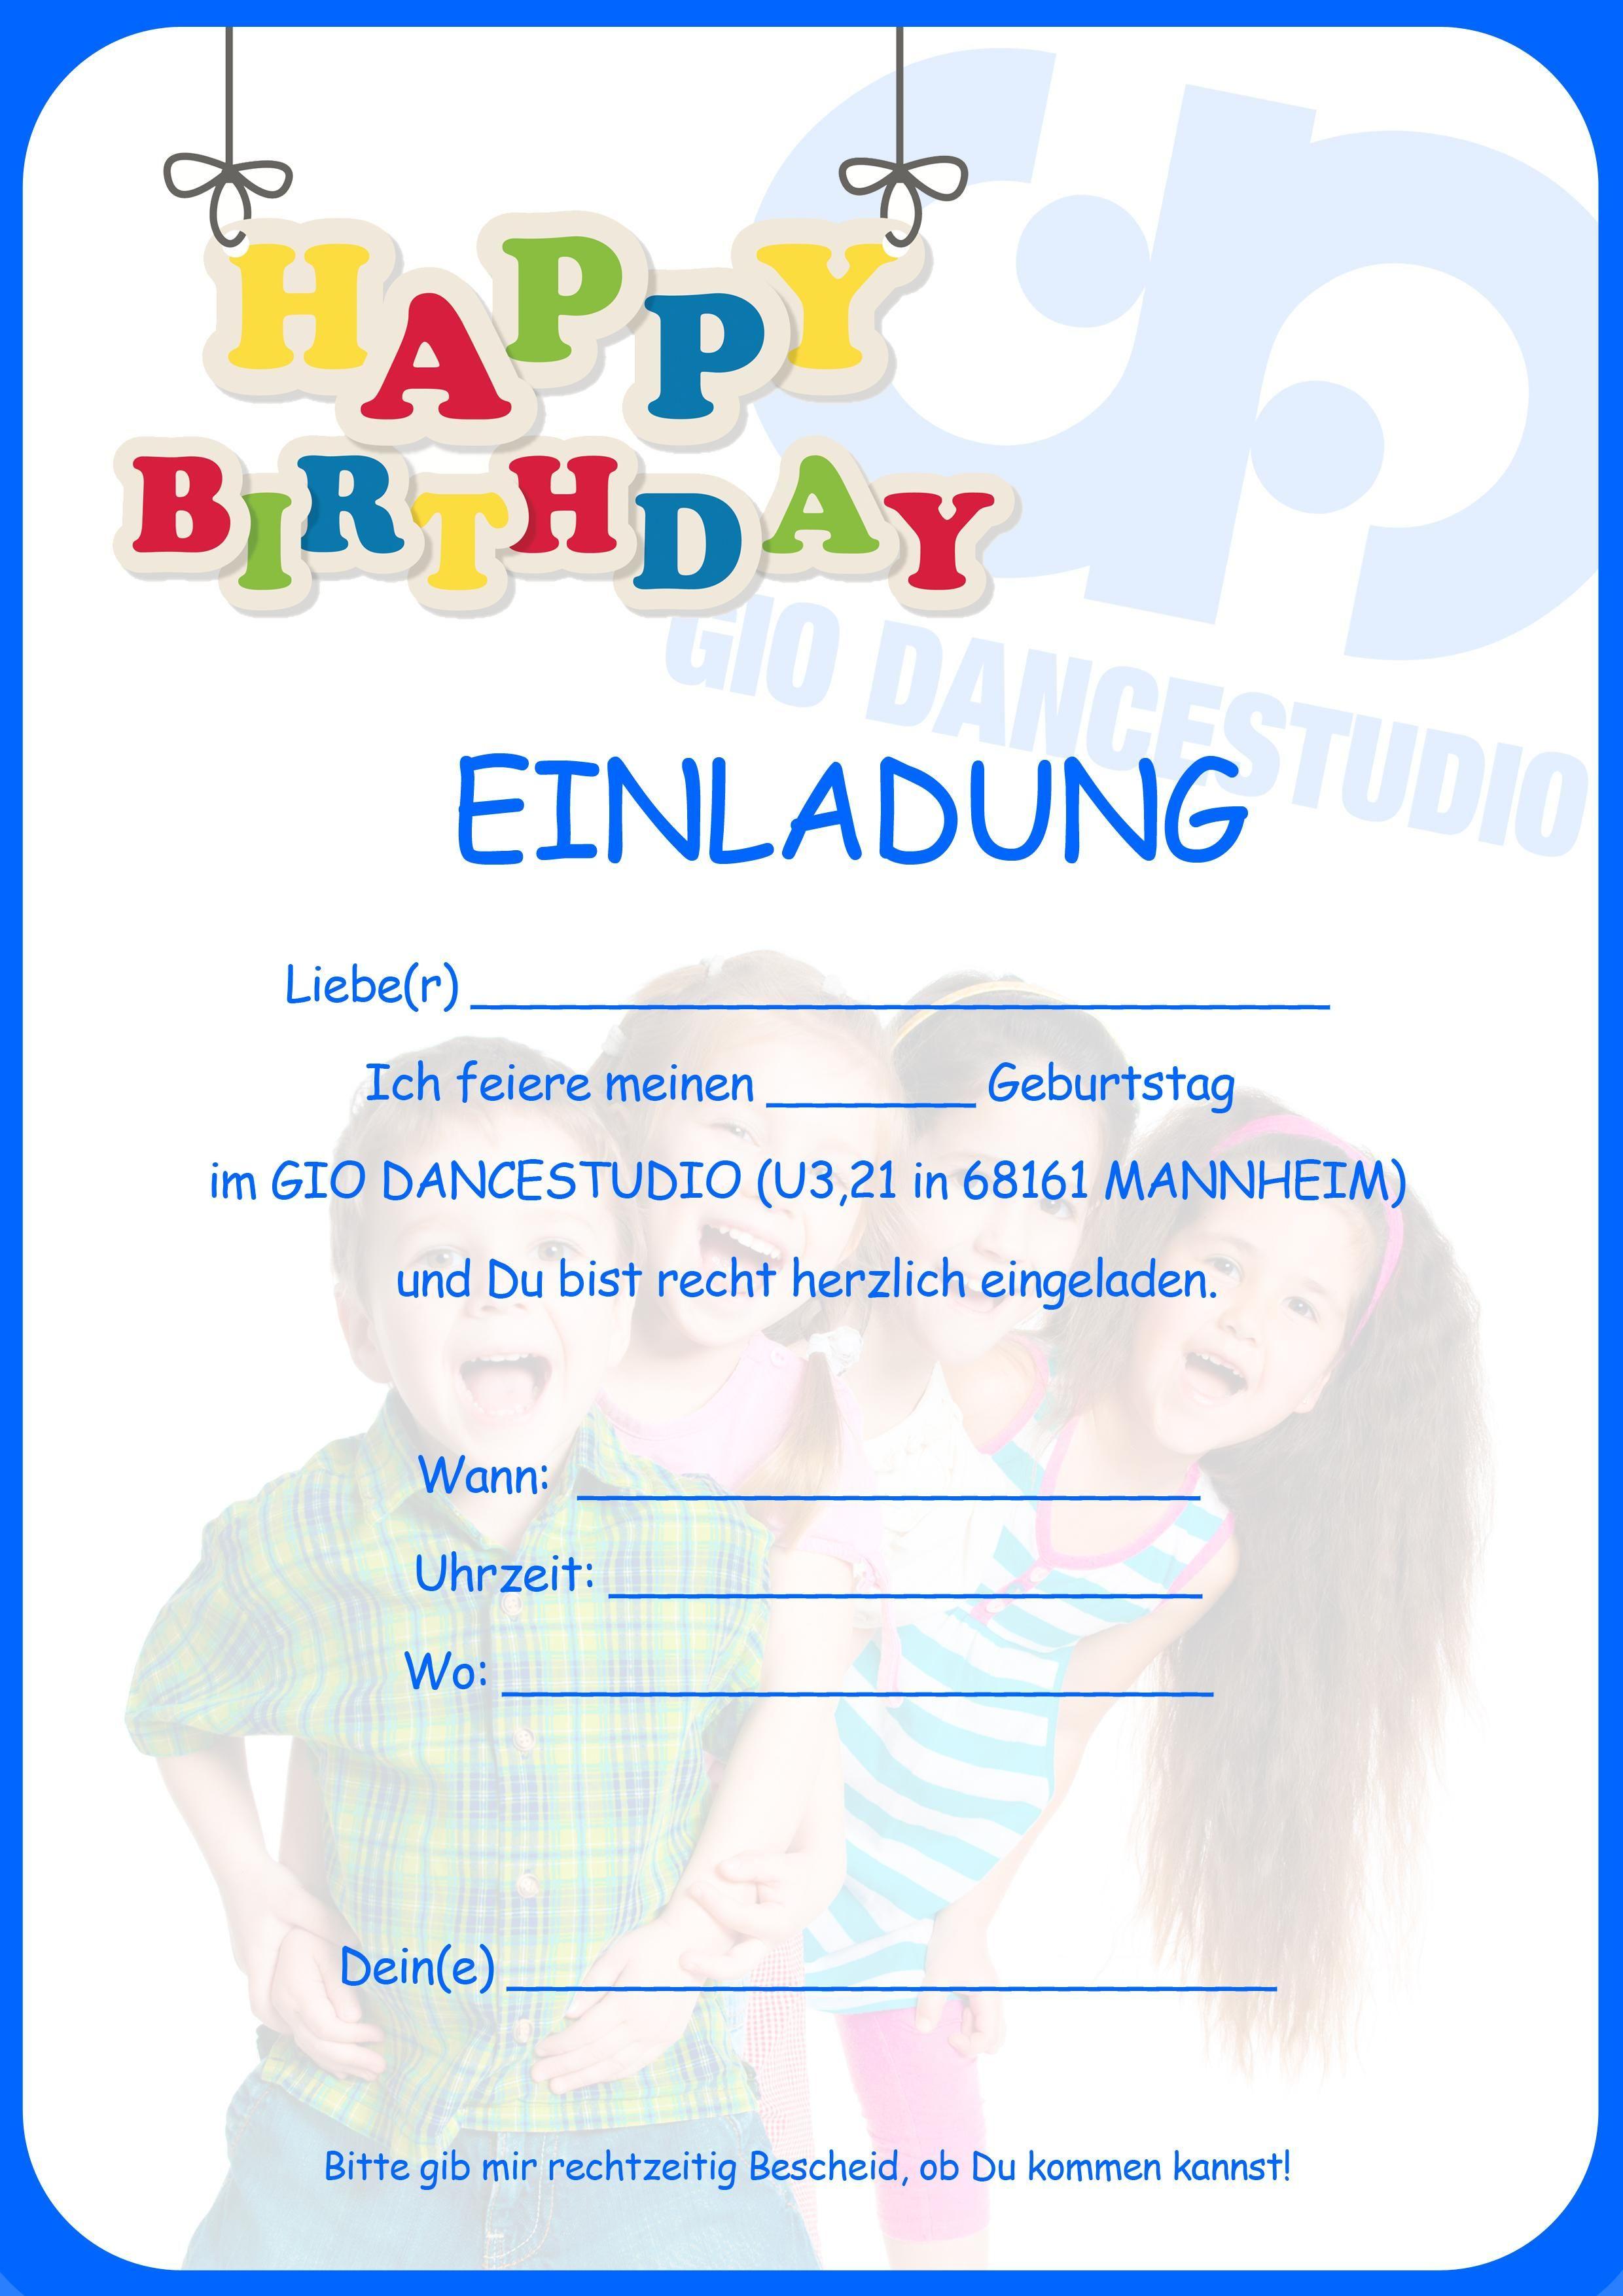 Einladungskarte Geburtstag Einladungskarte Geburtstag: Einladungskarten-kindergeburtstag-basteln